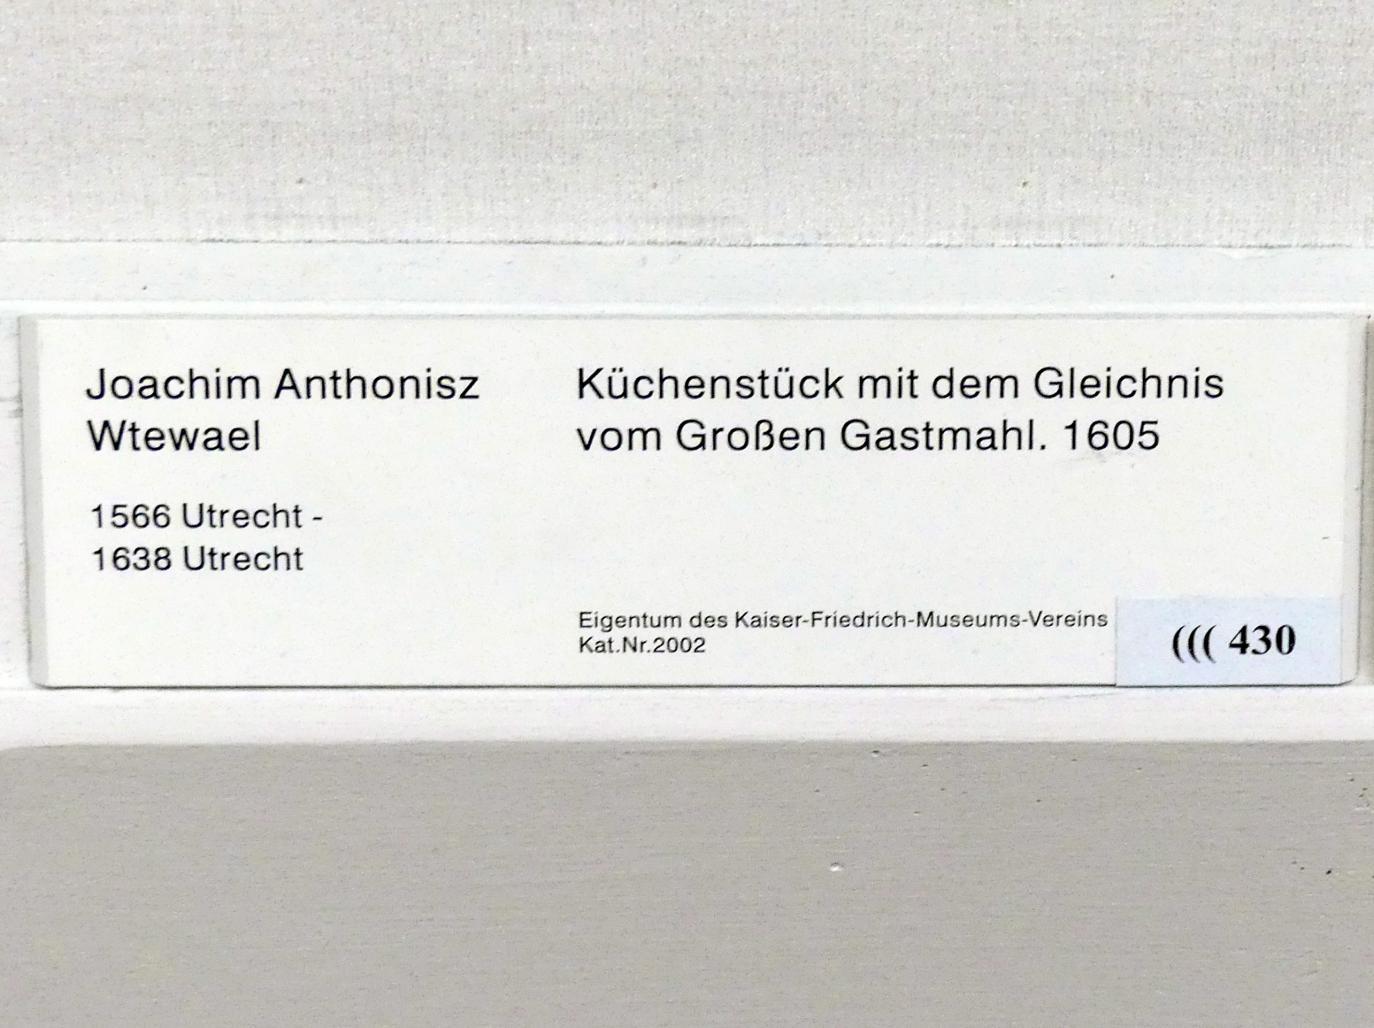 Joachim Anthonisz. Wtewael: Küchenstück mit dem Gleichnis vom Großen Gastmahl, 1605, Bild 2/2